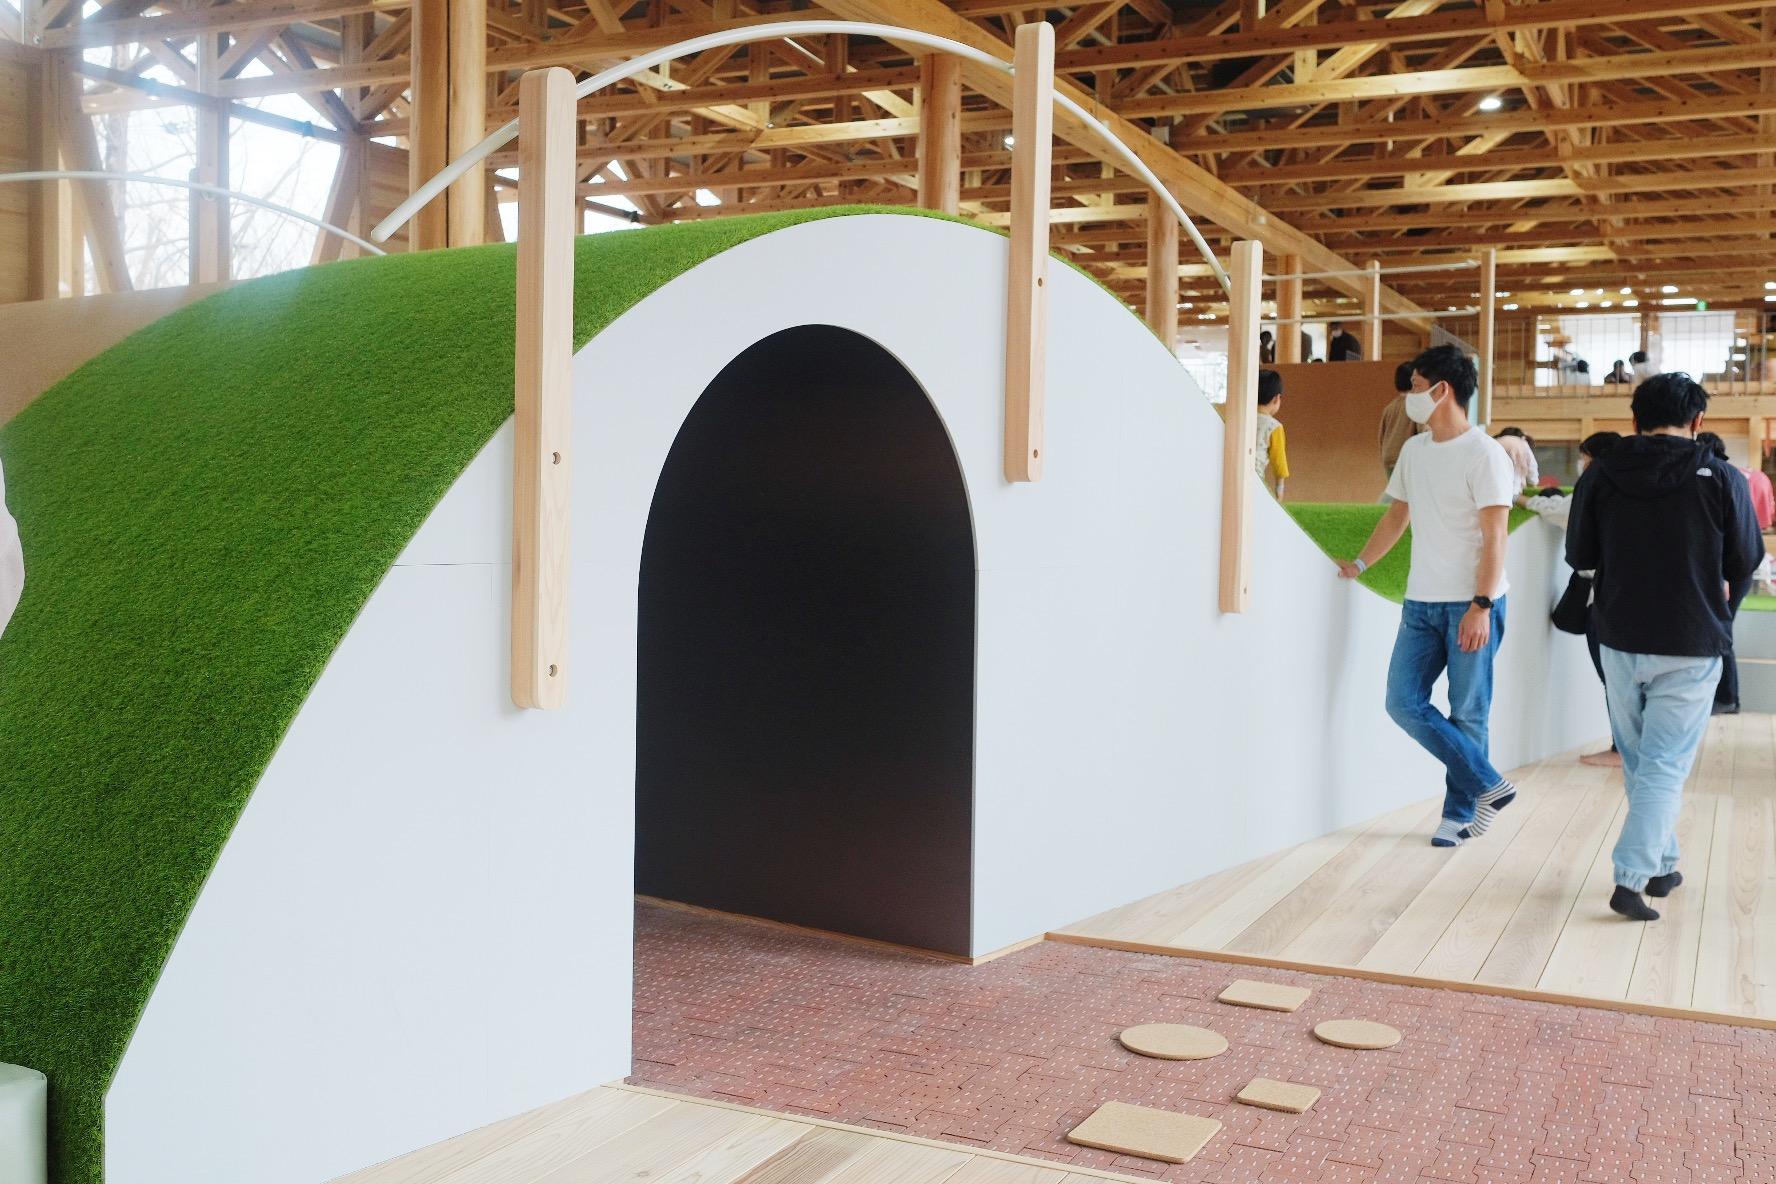 岐阜に「KAKAMIGAHARA PARK BRIDGE(カカミガハラ パーク ブリッジ)」が誕生!気になる公園の魅力をレポート - image1 1